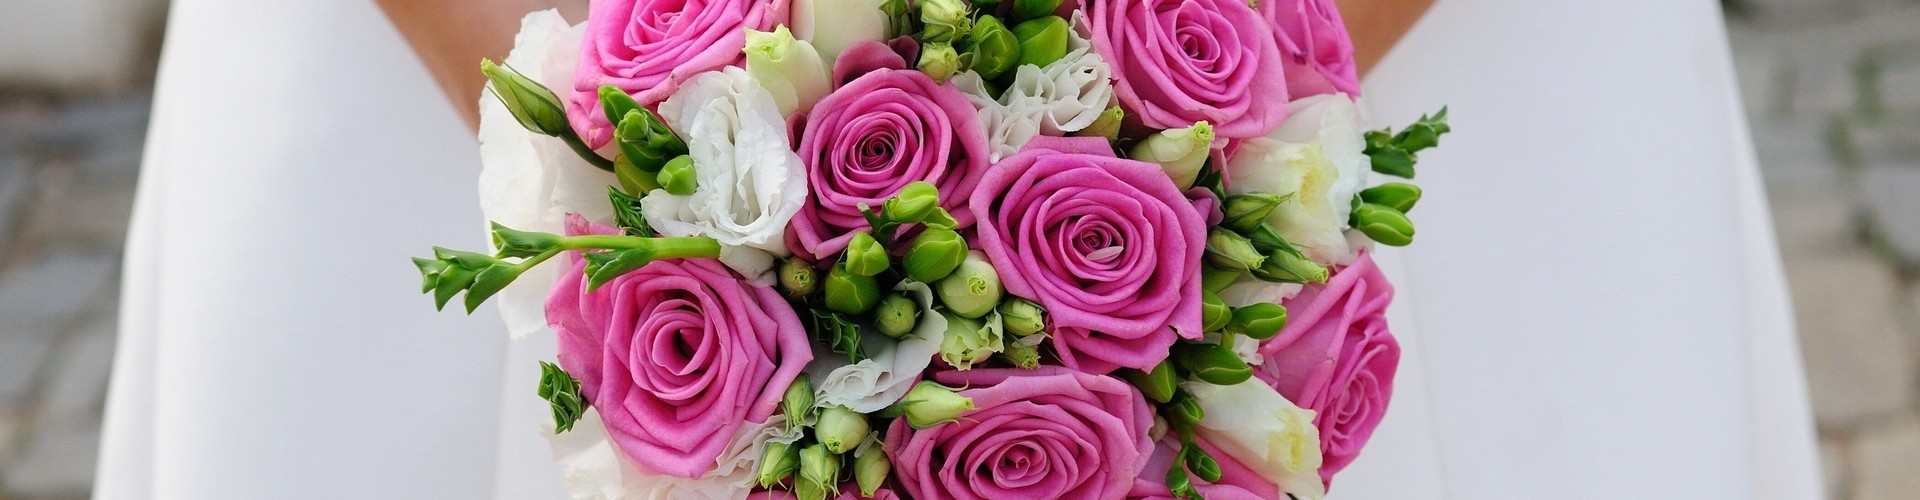 bride_Wedding-Bouquet-1920x500_1_